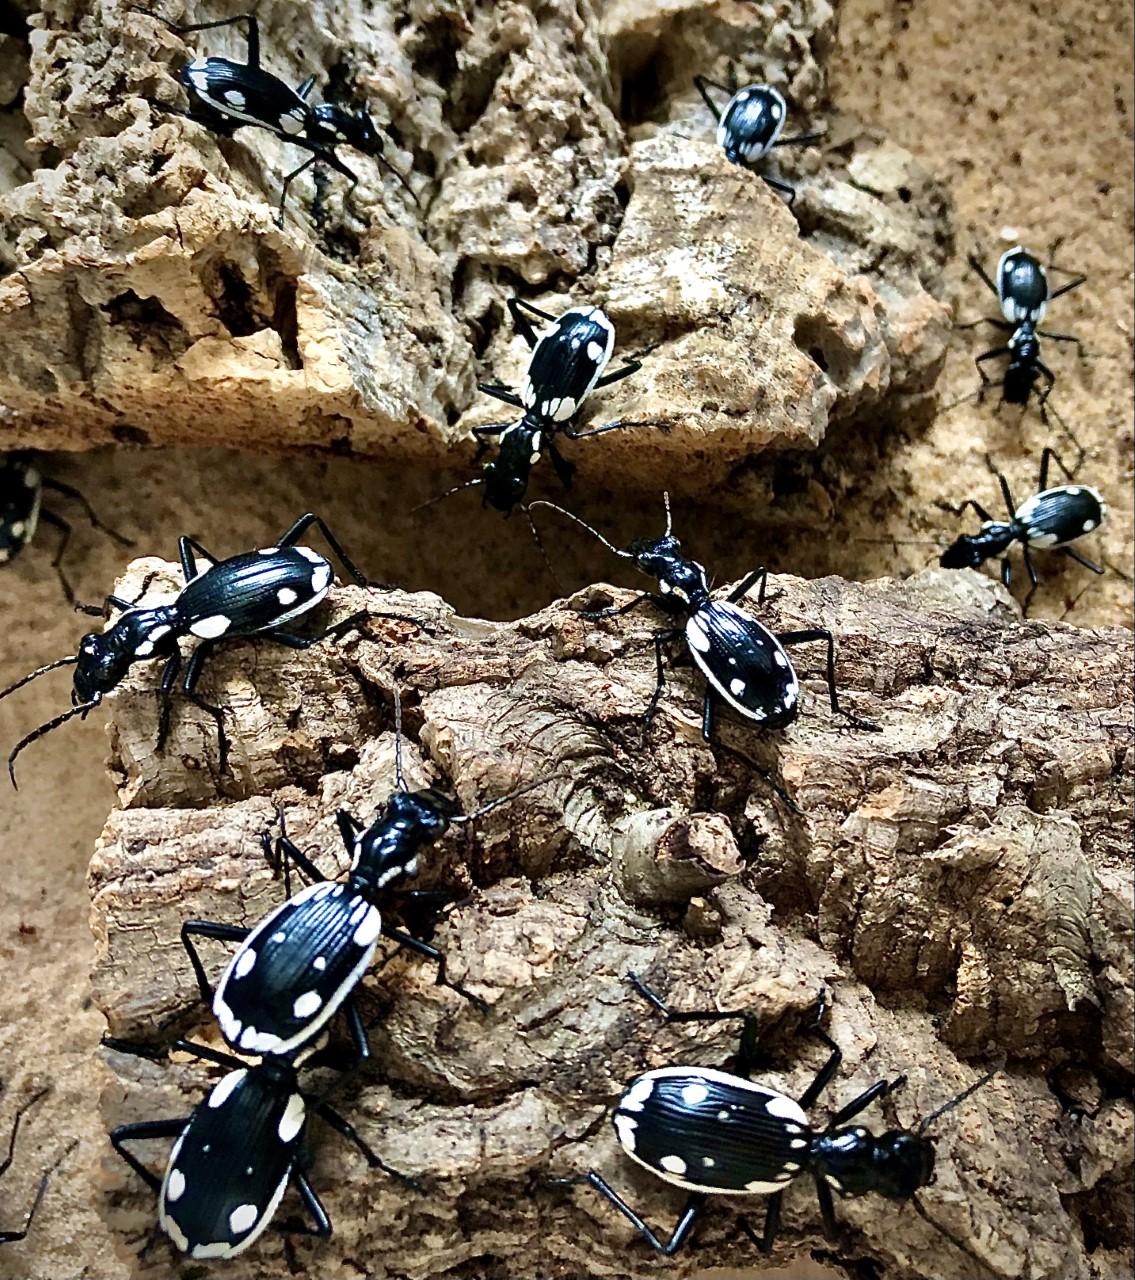 Anthia sexmaculata (Egyptian Predator Beetle)